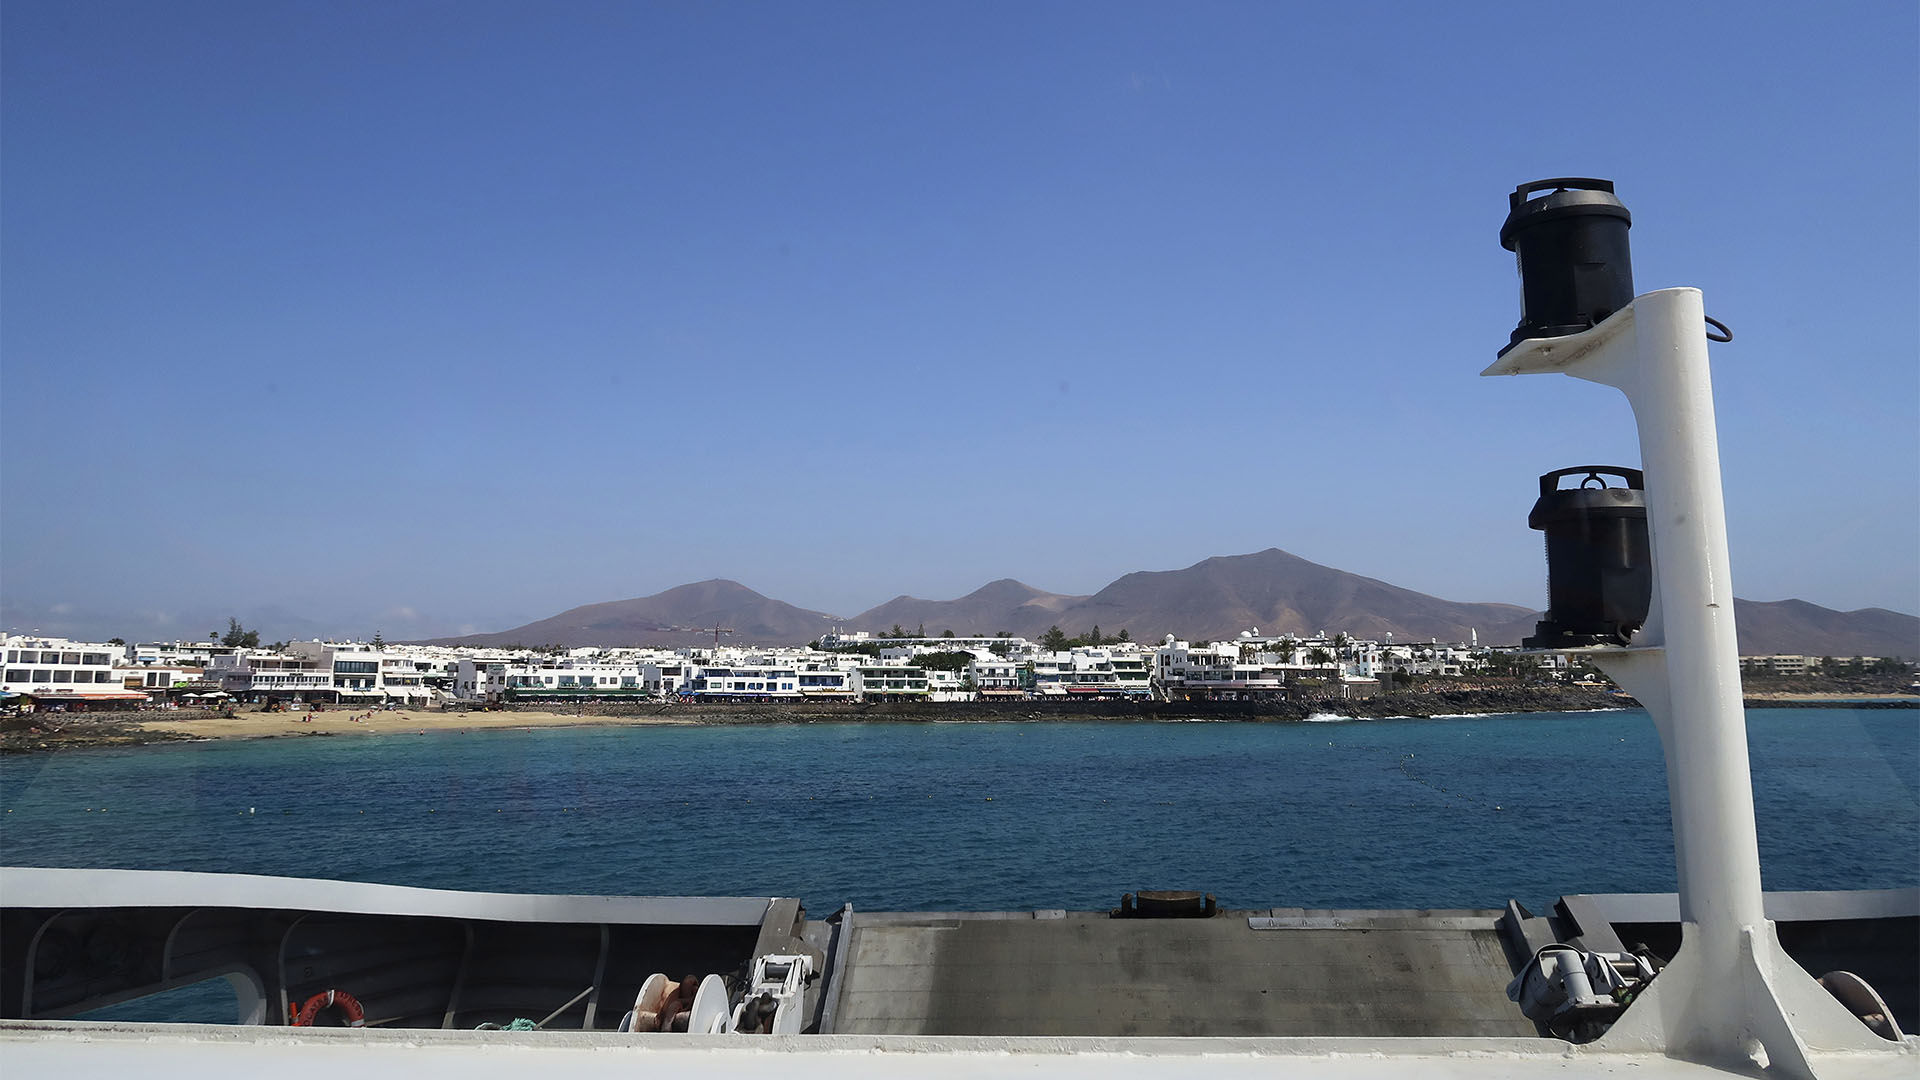 Einlaufen in Playa Blanca Lanzarote.